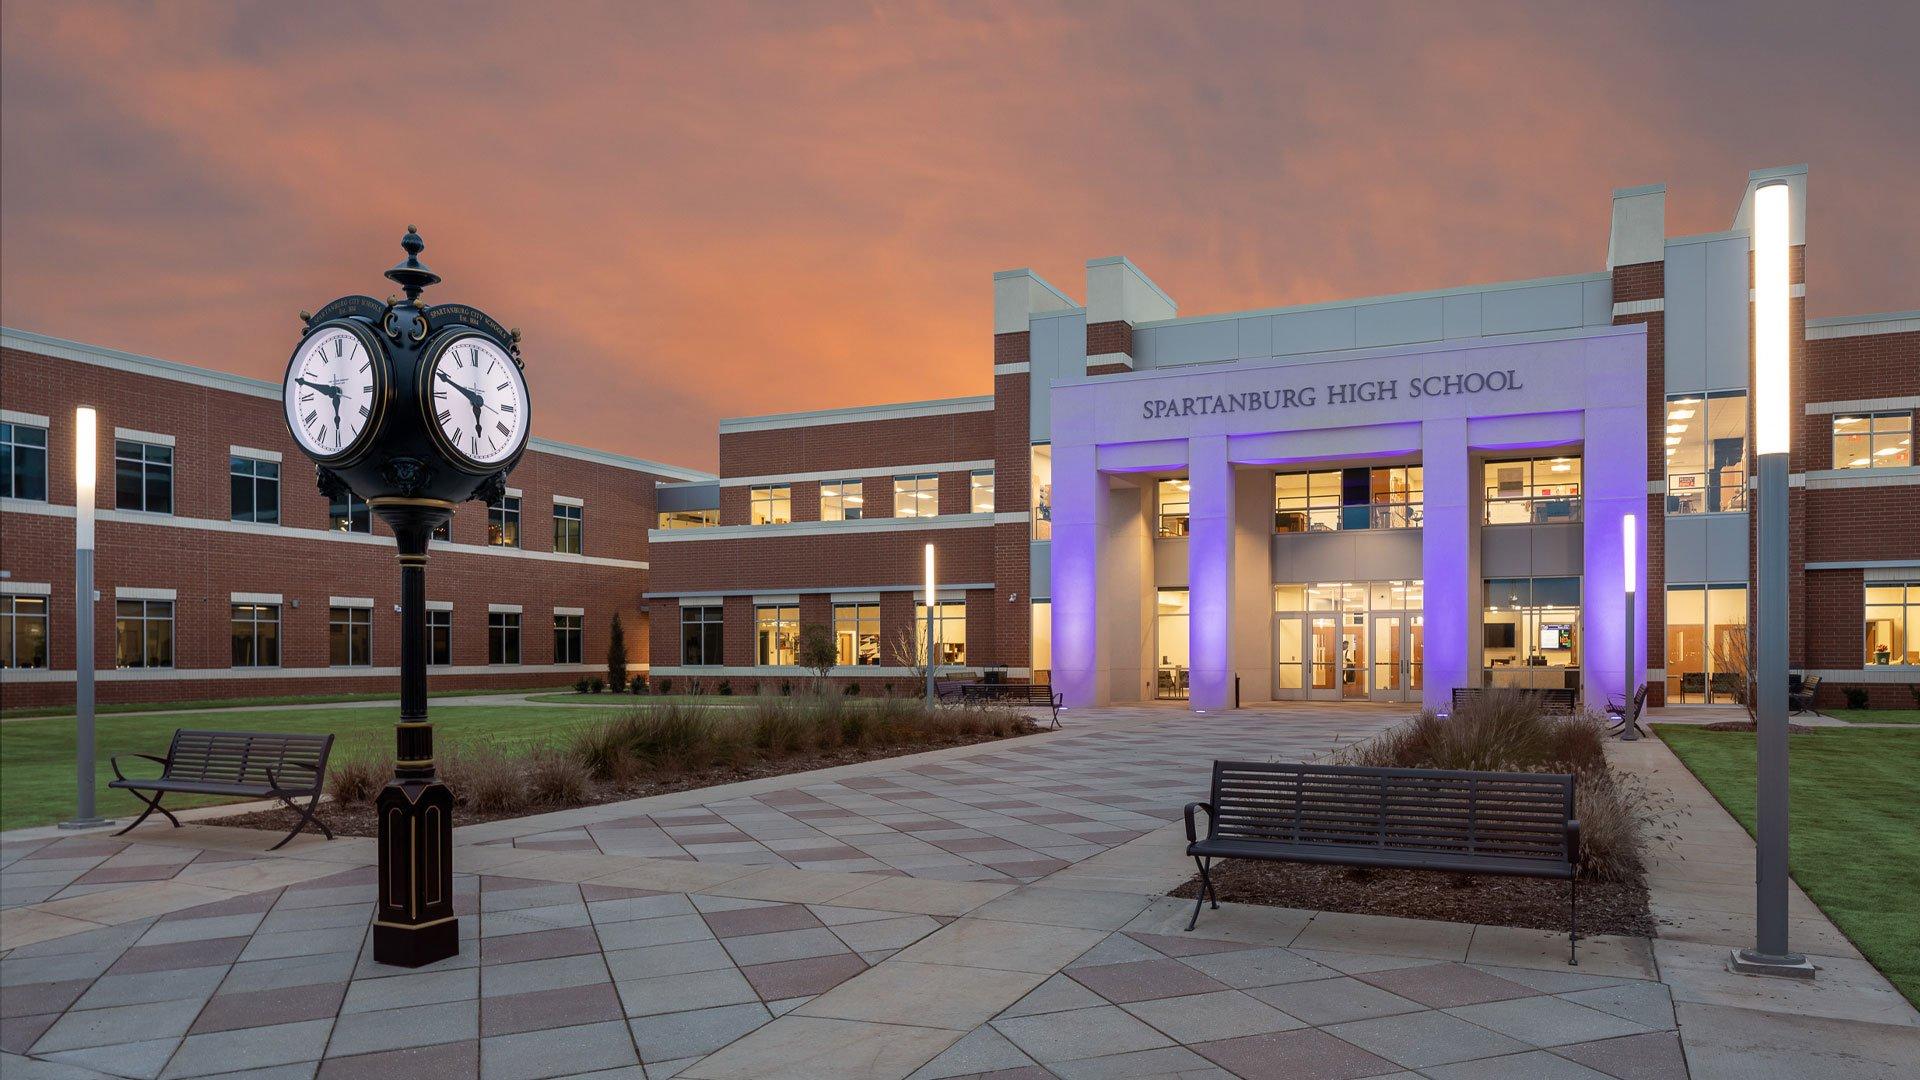 Spartanburg High School, Spartanburg School District 7